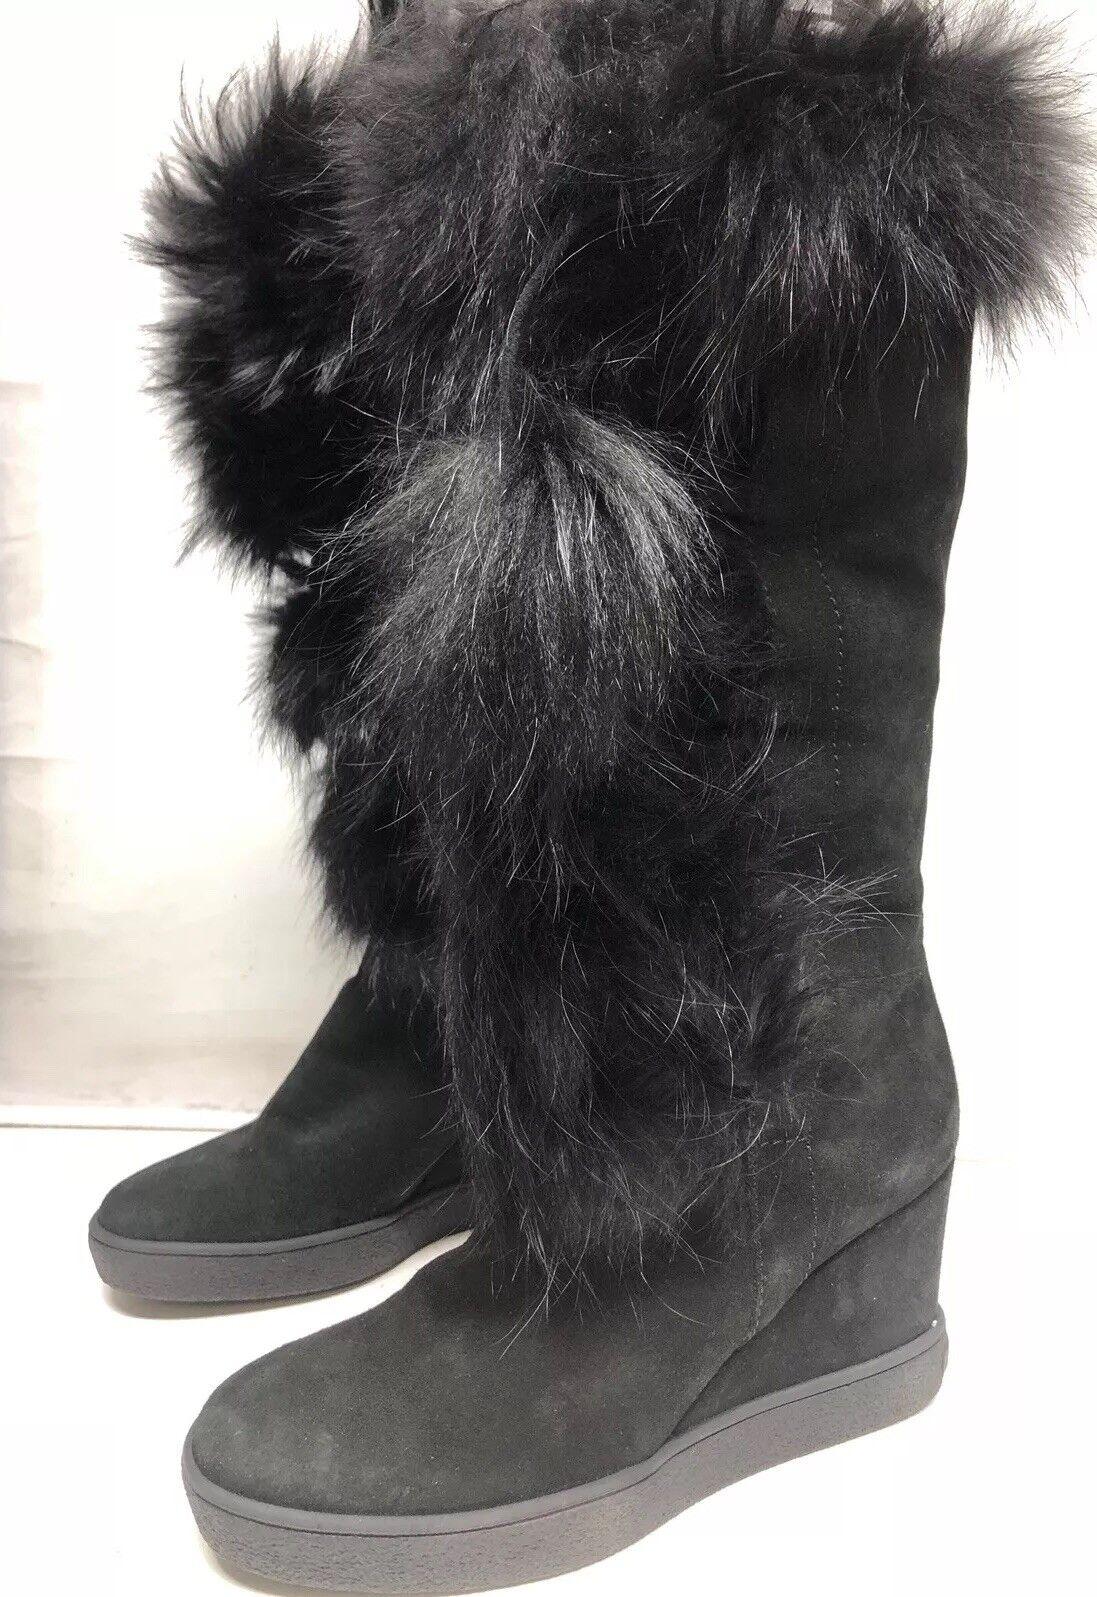 Aquatalia Negro botas de cuña de piel de ante ante ante Colette 8 8.5  precio mas barato